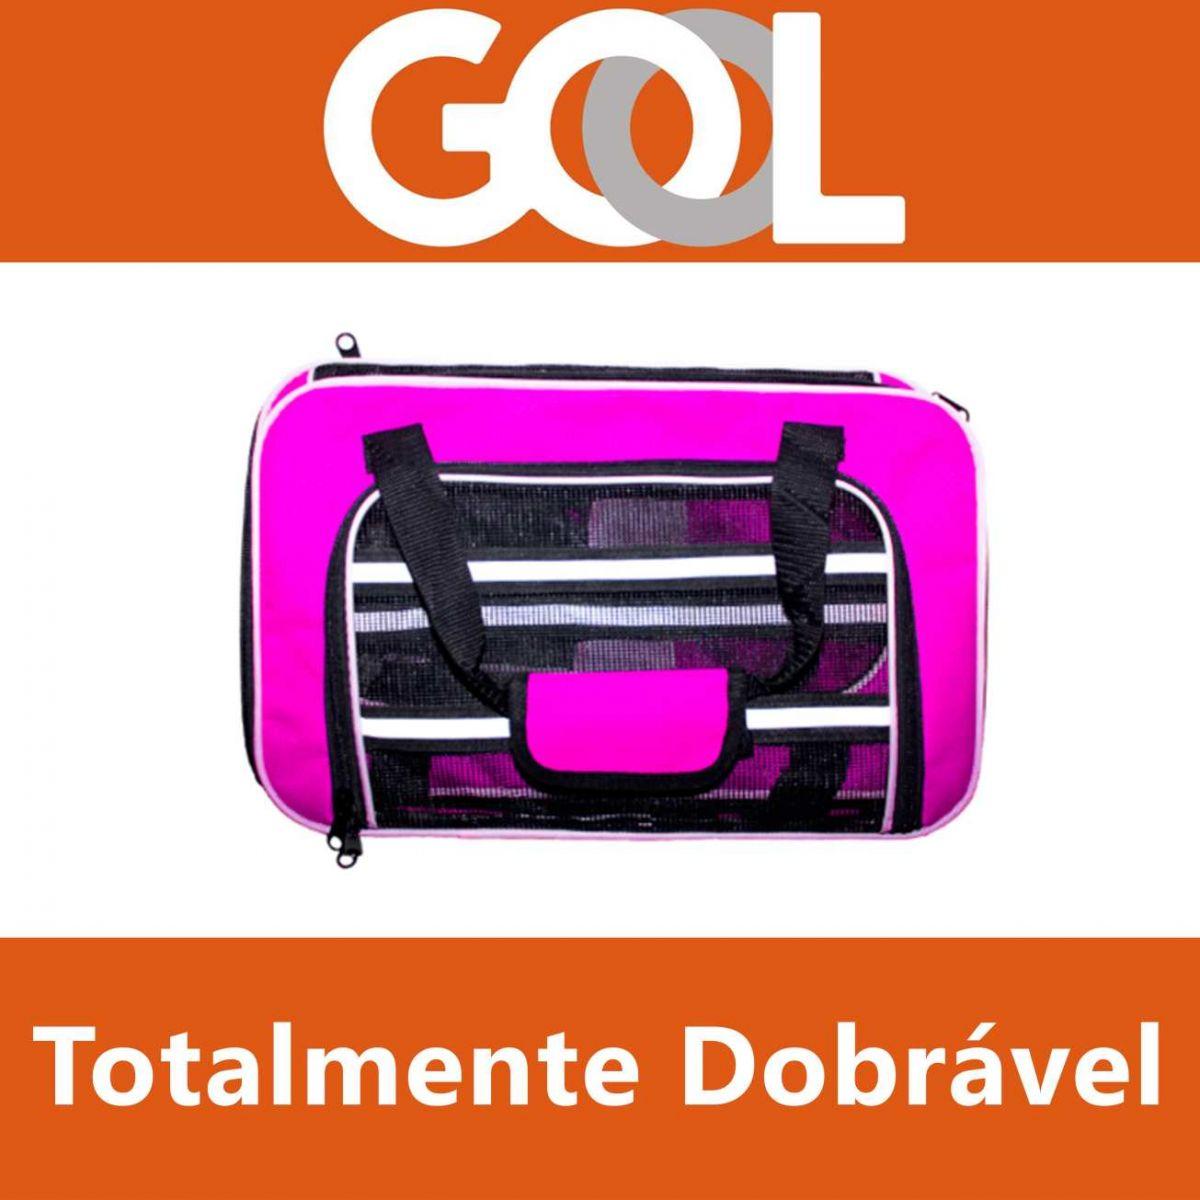 Bolsa para Transportar seu Pet na Cabine do Avião - Cia GOL - Eleva Mundi - (Cor Rosa)